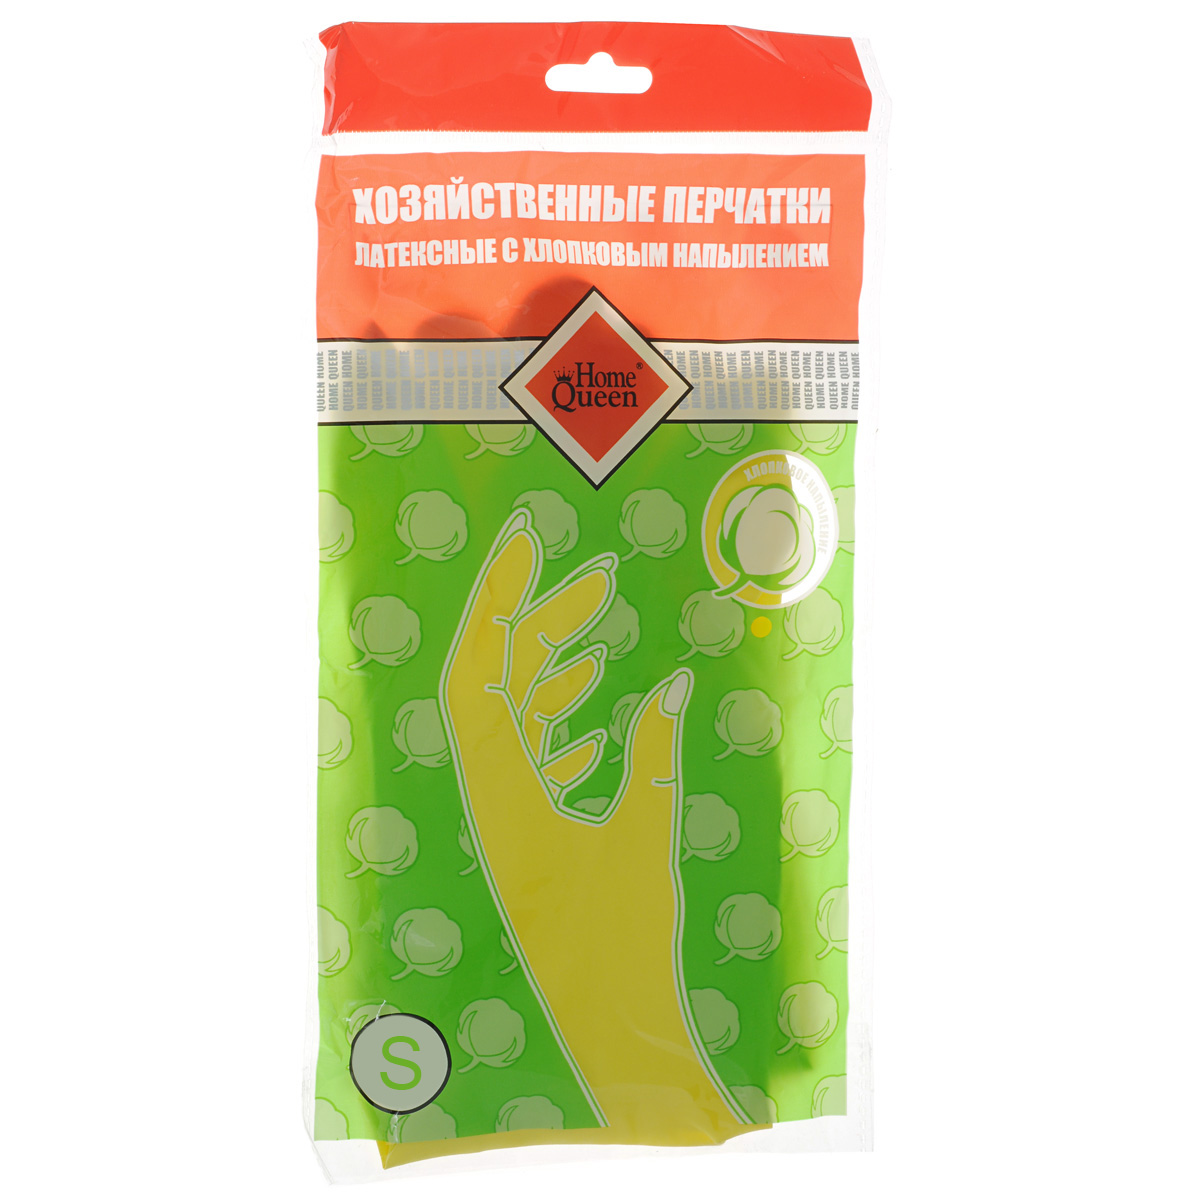 Перчатки латексные Home Queen, с хлопковым напылением. Размер SRSP-202SПерчатки Home Queen защитят ваши руки от воздействия бытовой химии и грязи. Подойдут для всех видов хозяйственных работ. Выполнены из латекса с хлопковым напылением.